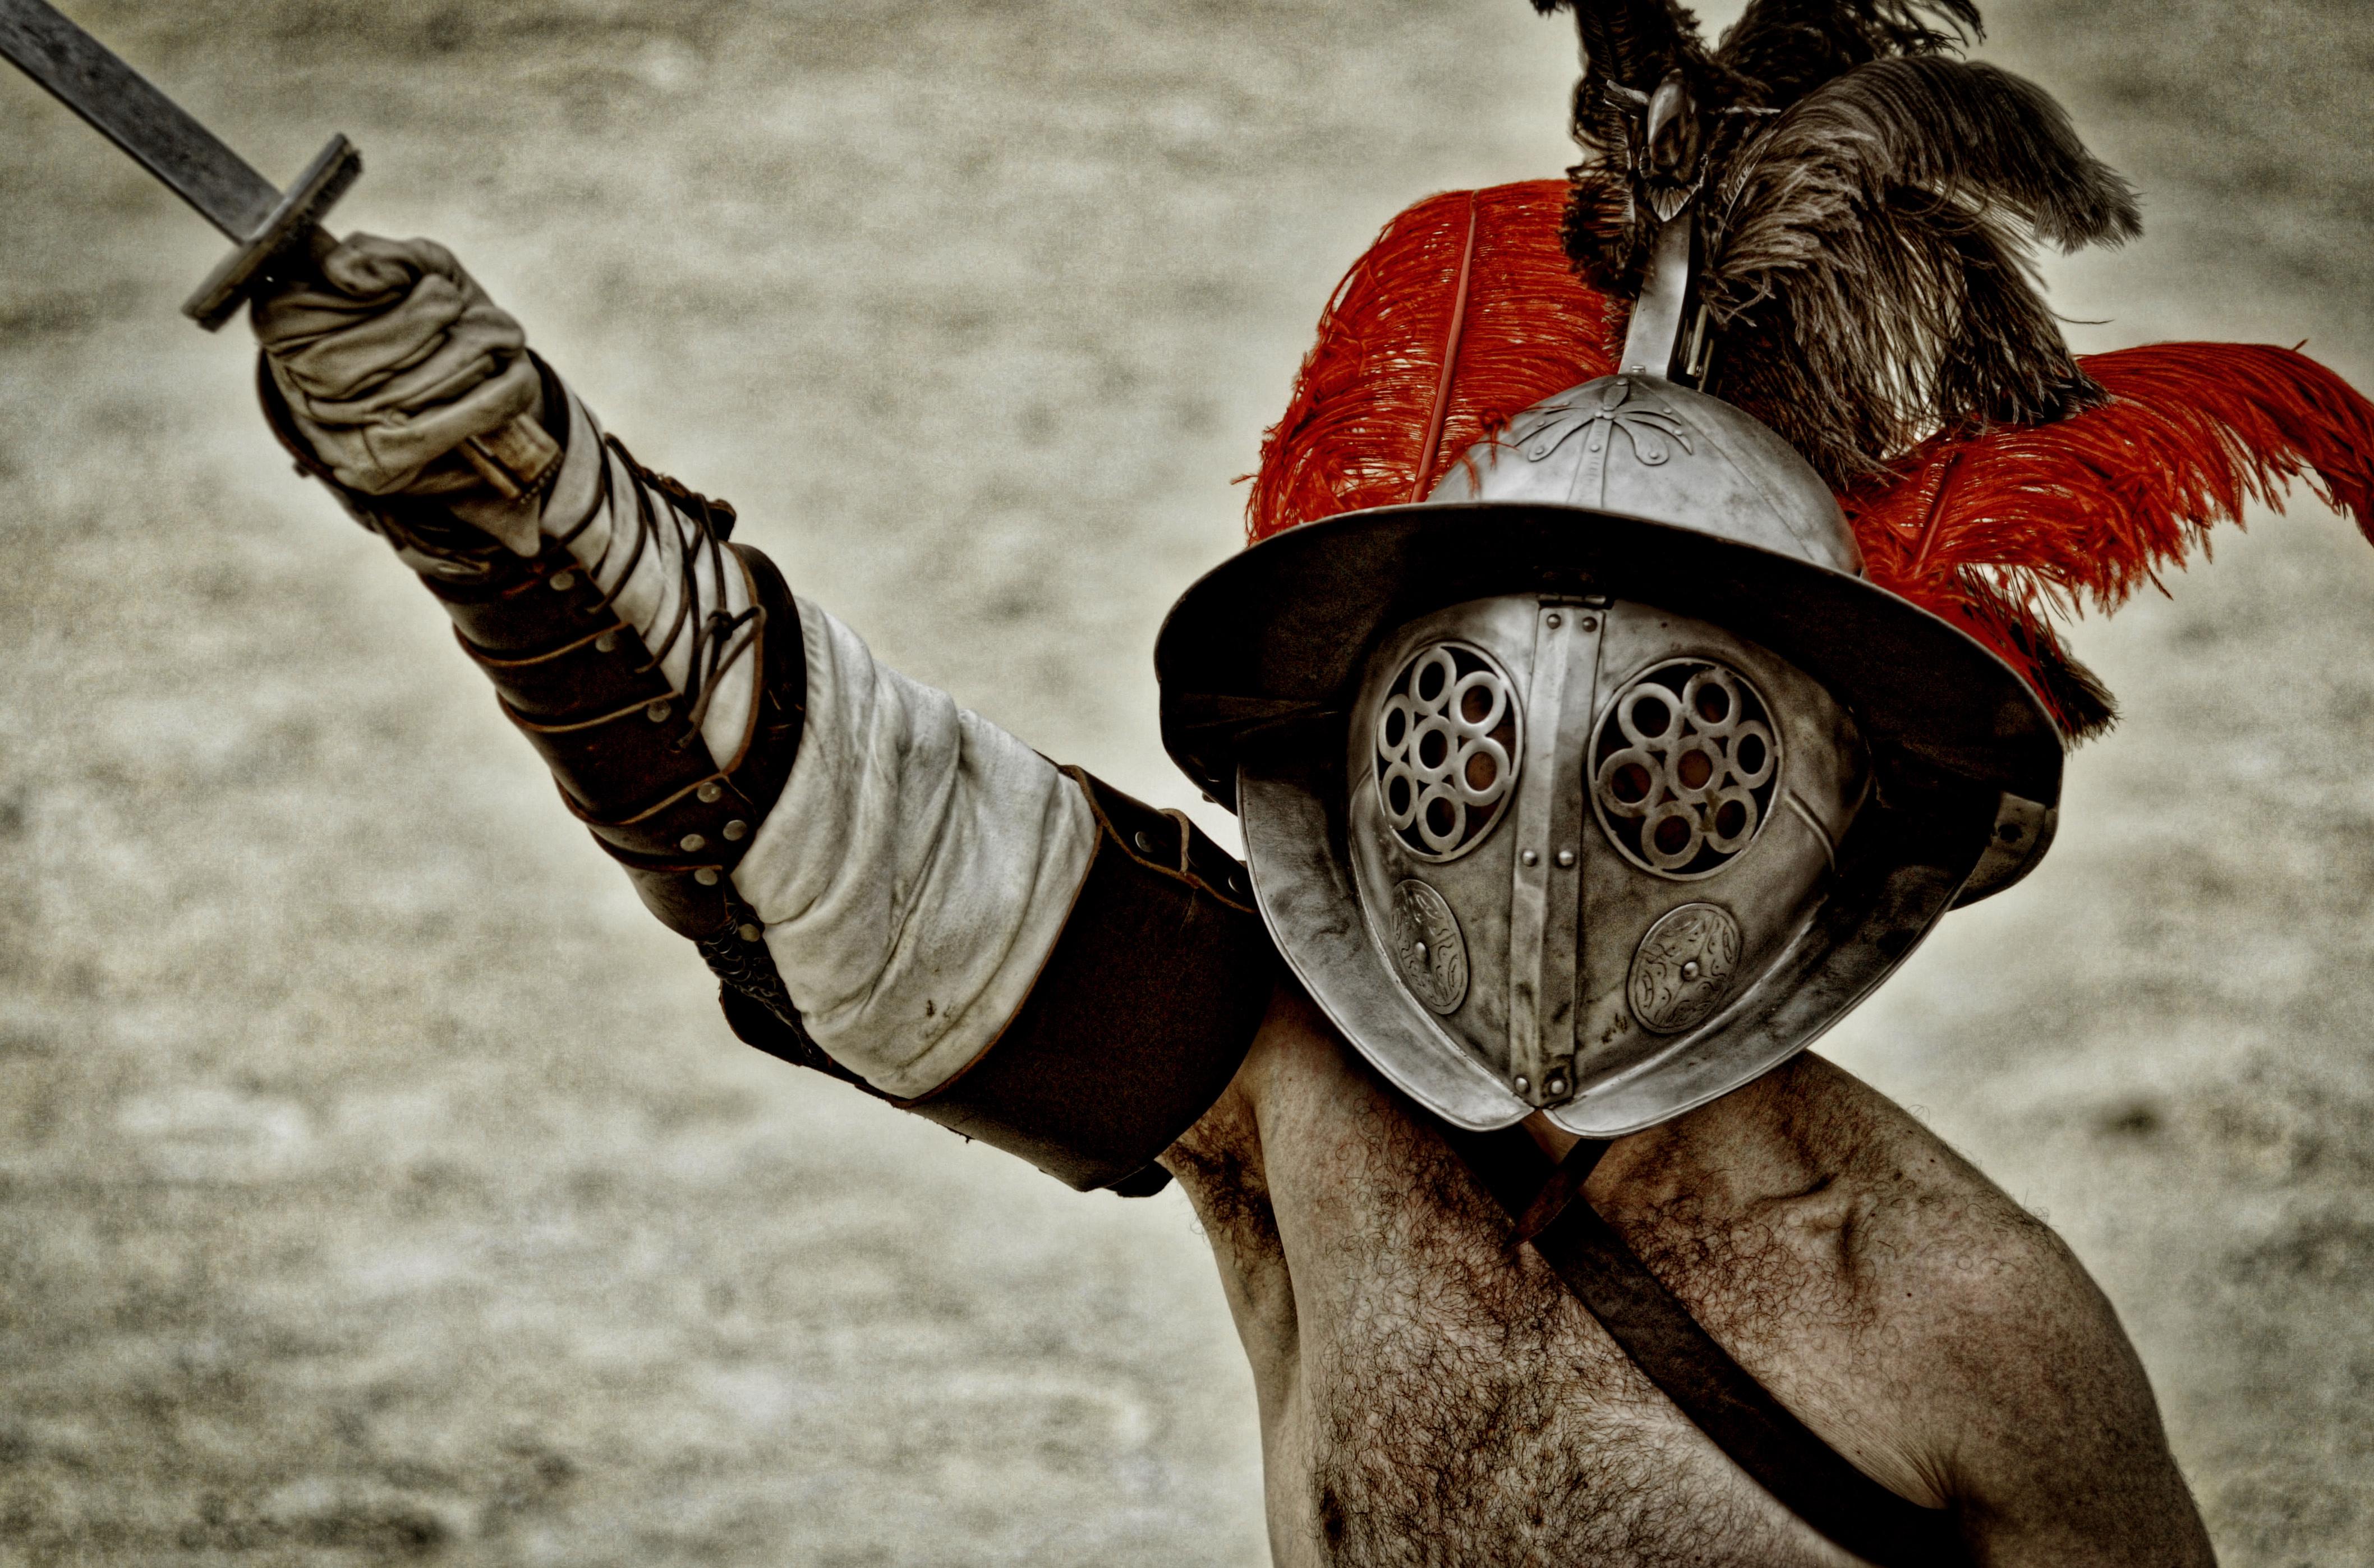 одноклассниках картинки броня гладиаторов форма должна быть